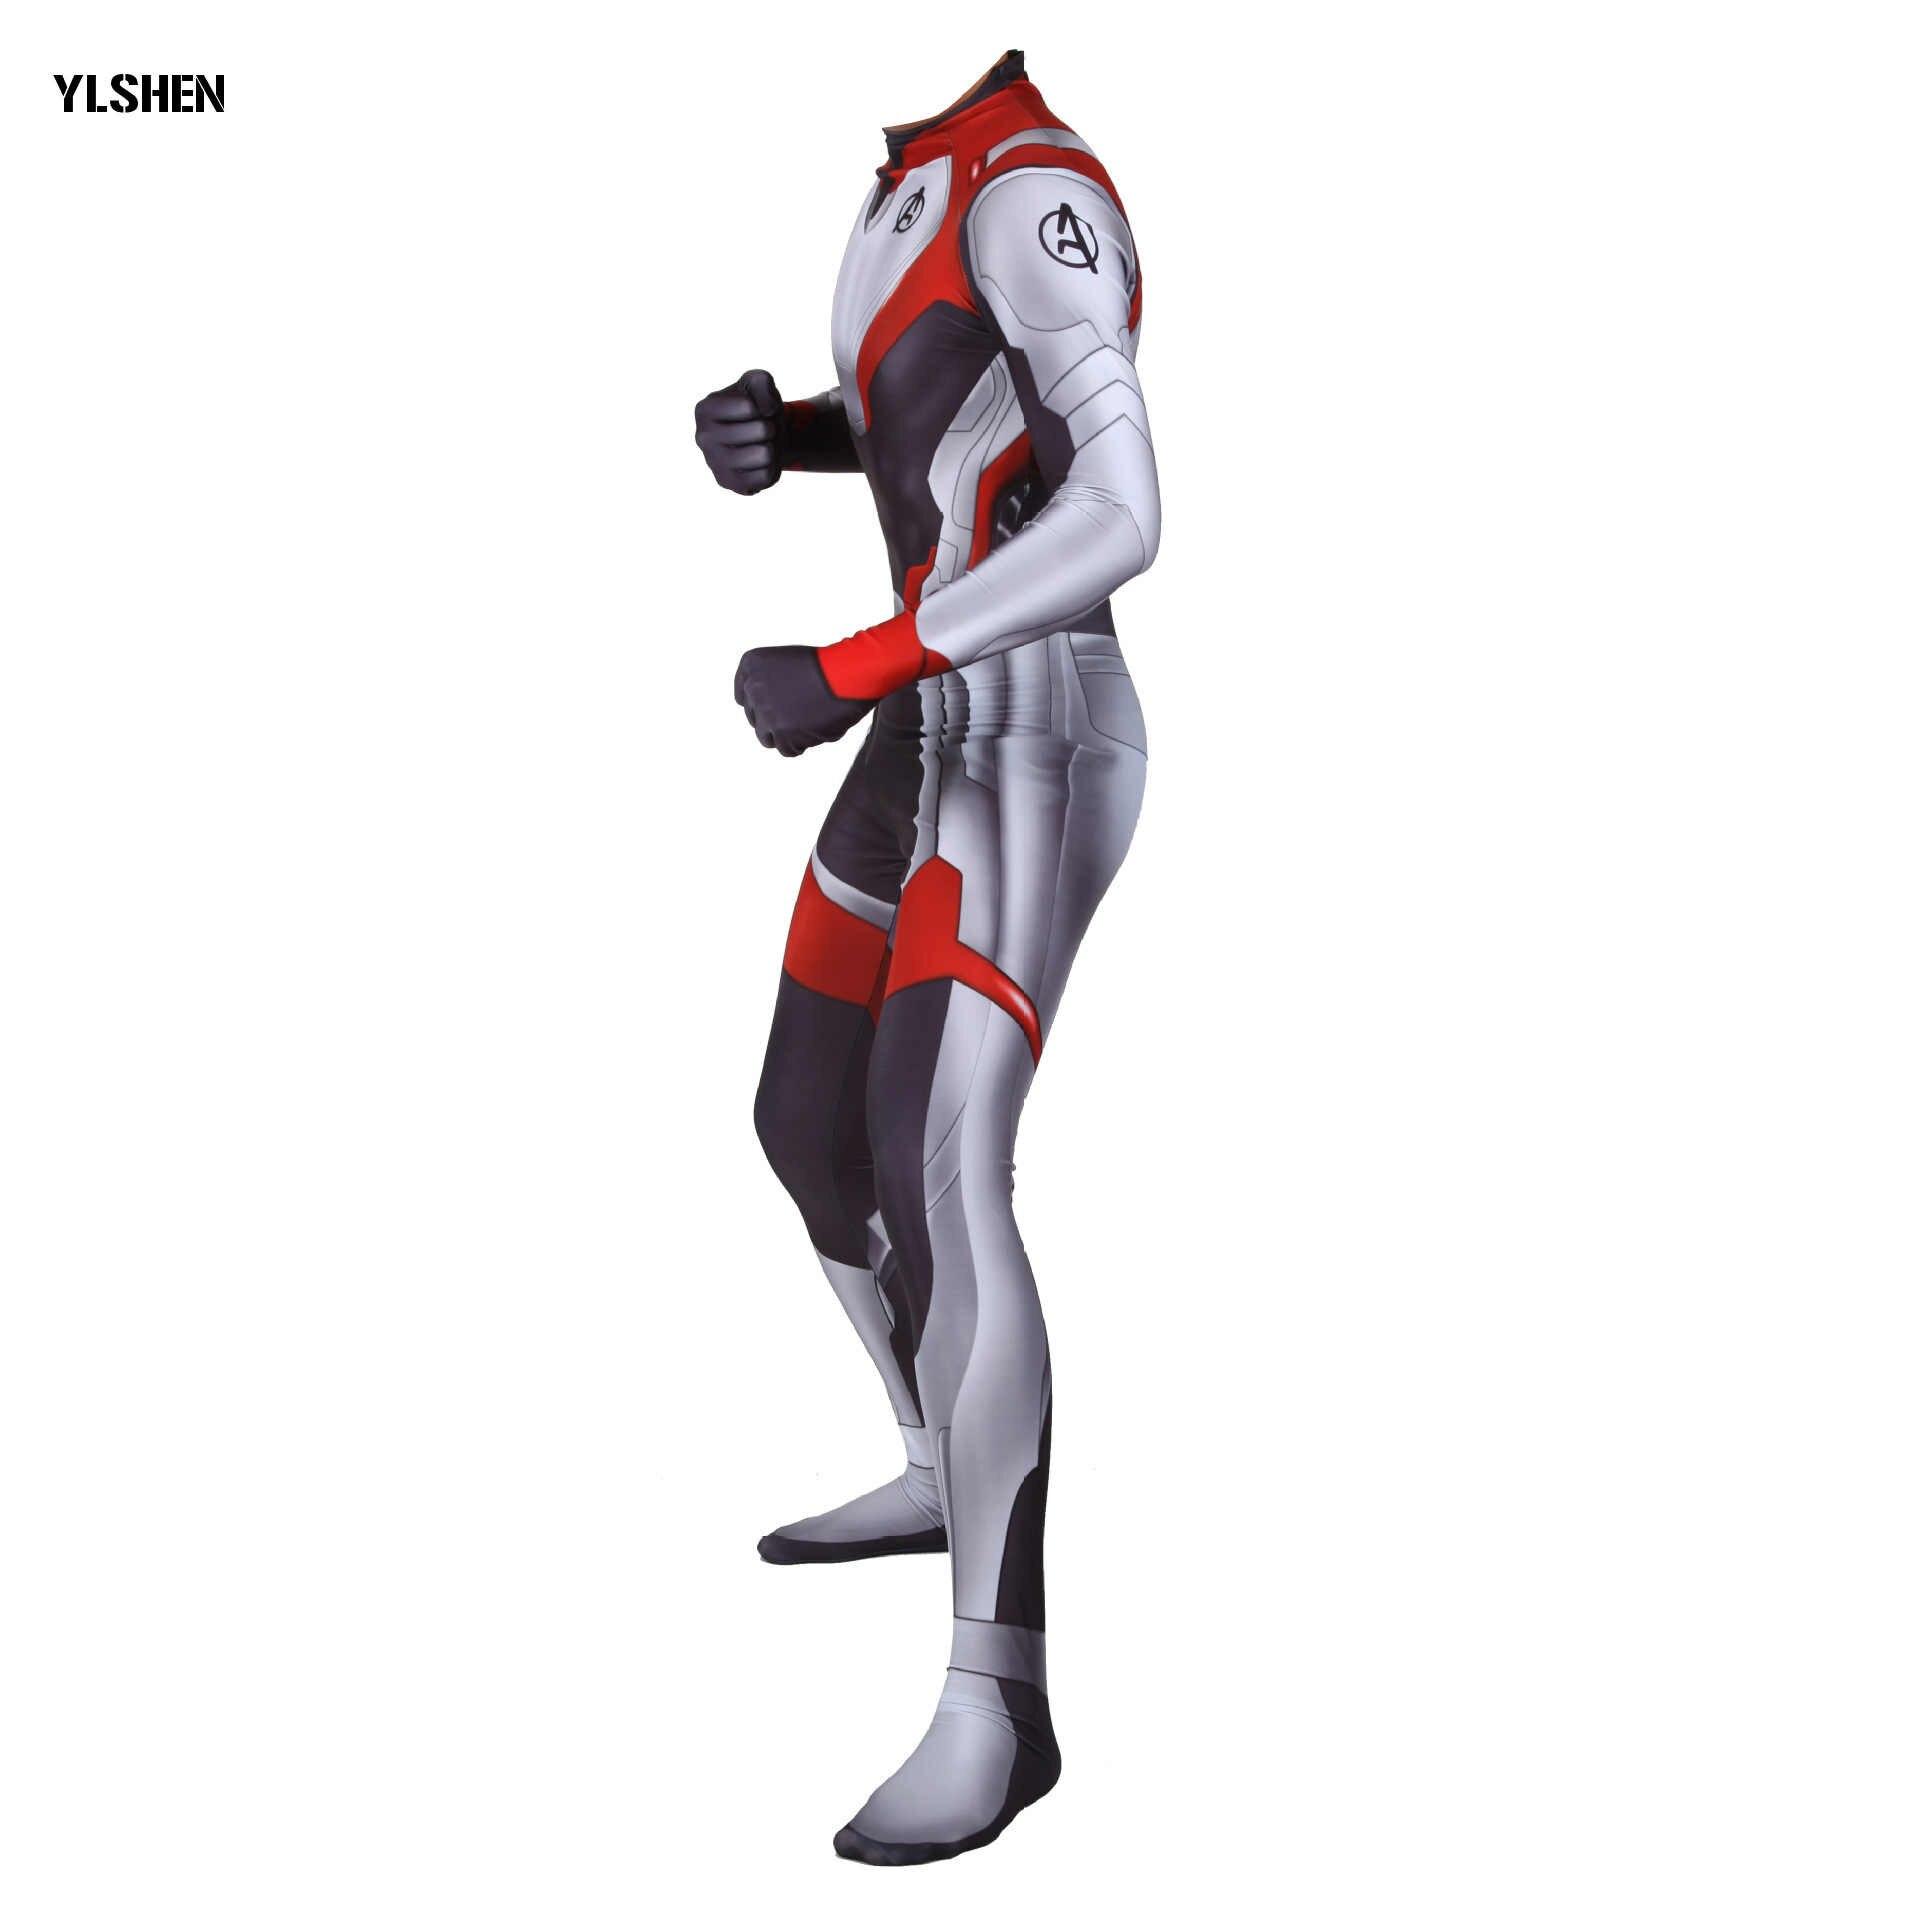 Gratis Menyesuaikan Avengers Endgame Quantum Dunia Celana Kodok Cosplay Kostum Spandex Berkualitas Tinggi Wanita Cosplay Anak-anak Dewasa Bodysuit